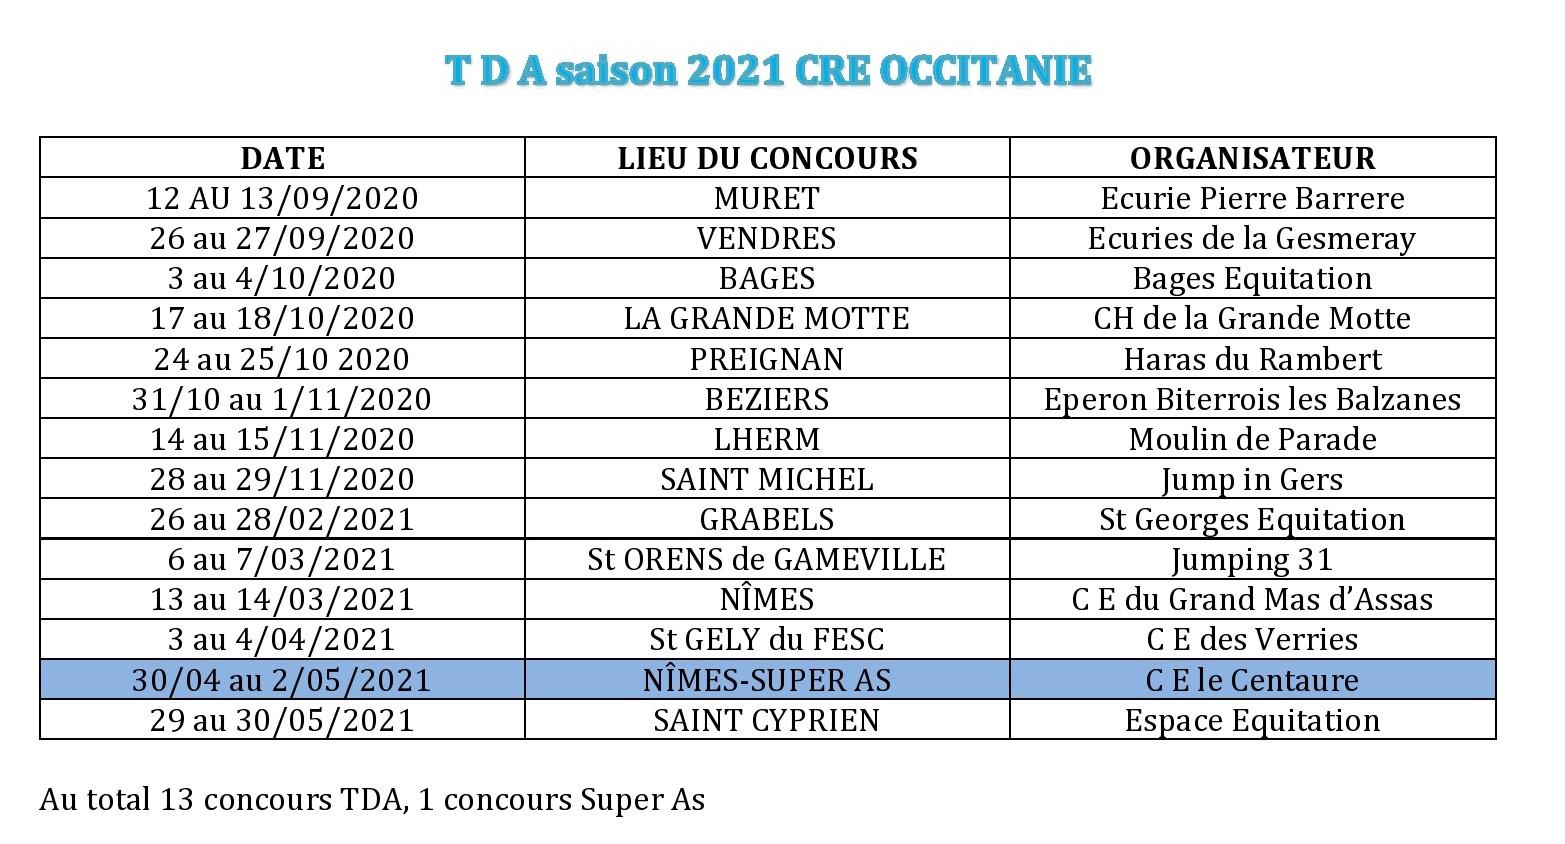 Calendrier TDA saison 2021 Occitanie   Comité Régional d